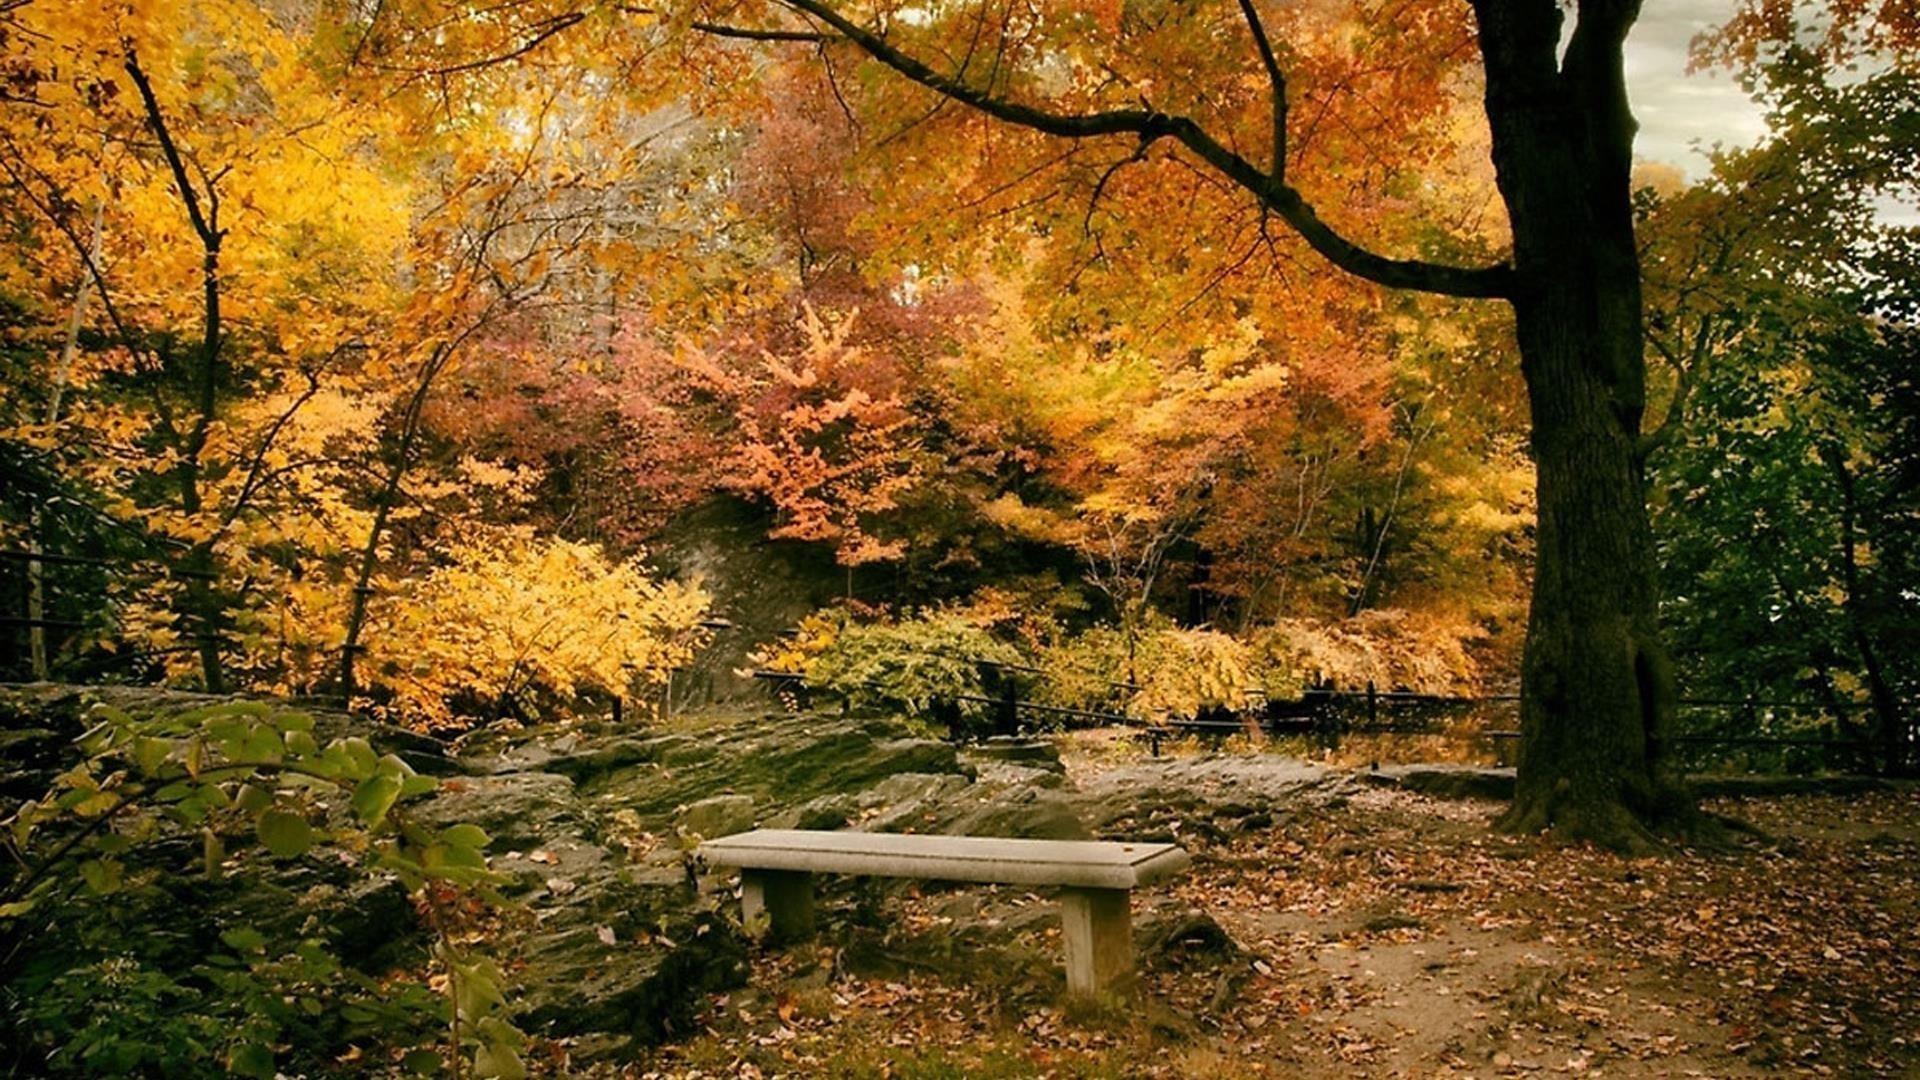 Осенняя листва деревья в лесу с водорослями покрытые скальной природой обои скачать